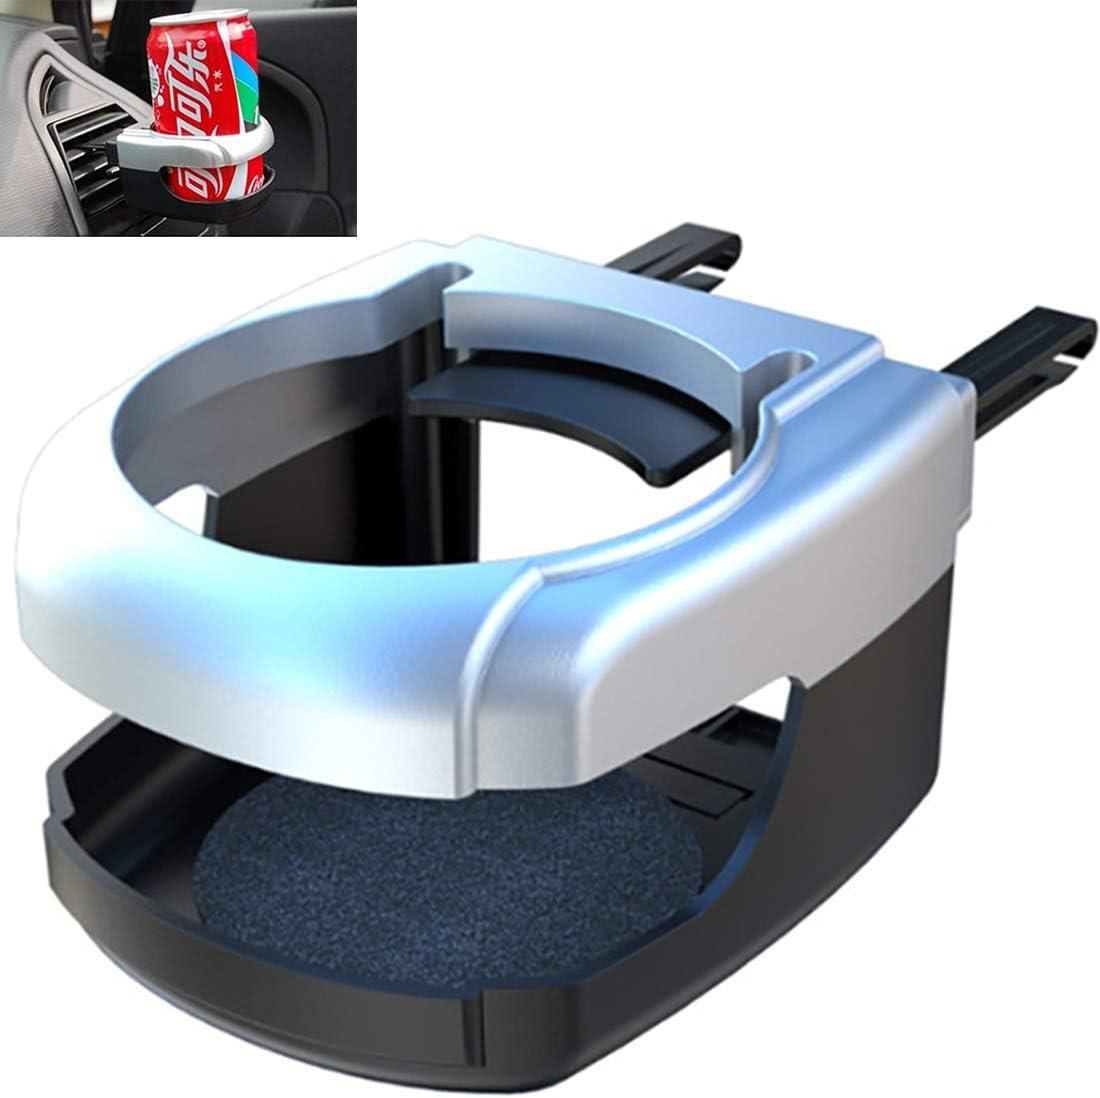 Soporte universal para bebidas de coche bebidas de caf/é y latas de bebidas soporte para puerta soporte para botellas Jingming cesta para el coche organizador